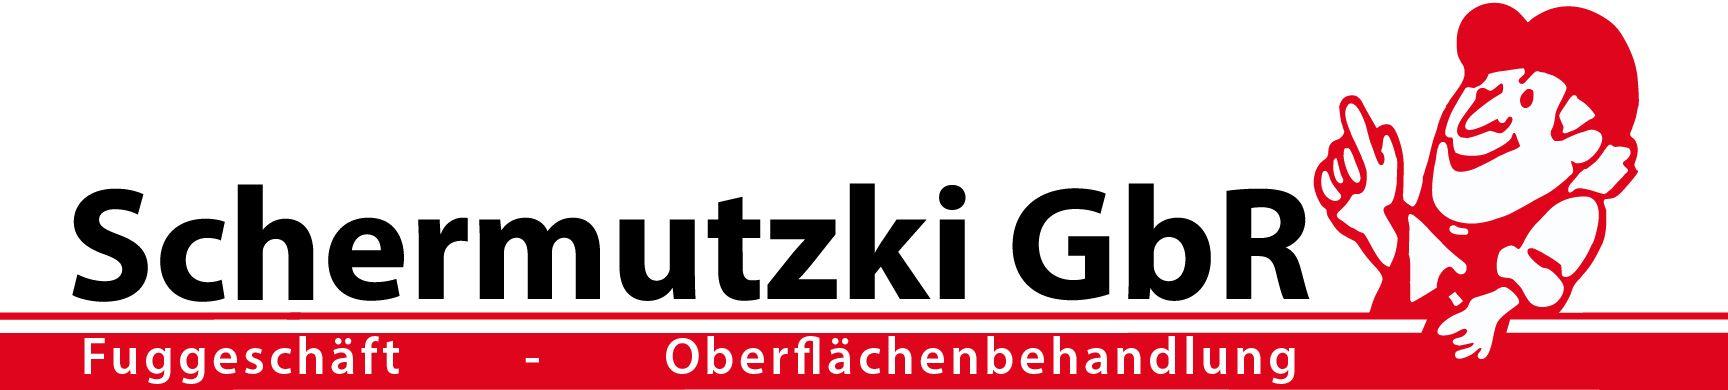 Überblick | Schermutzki GbR